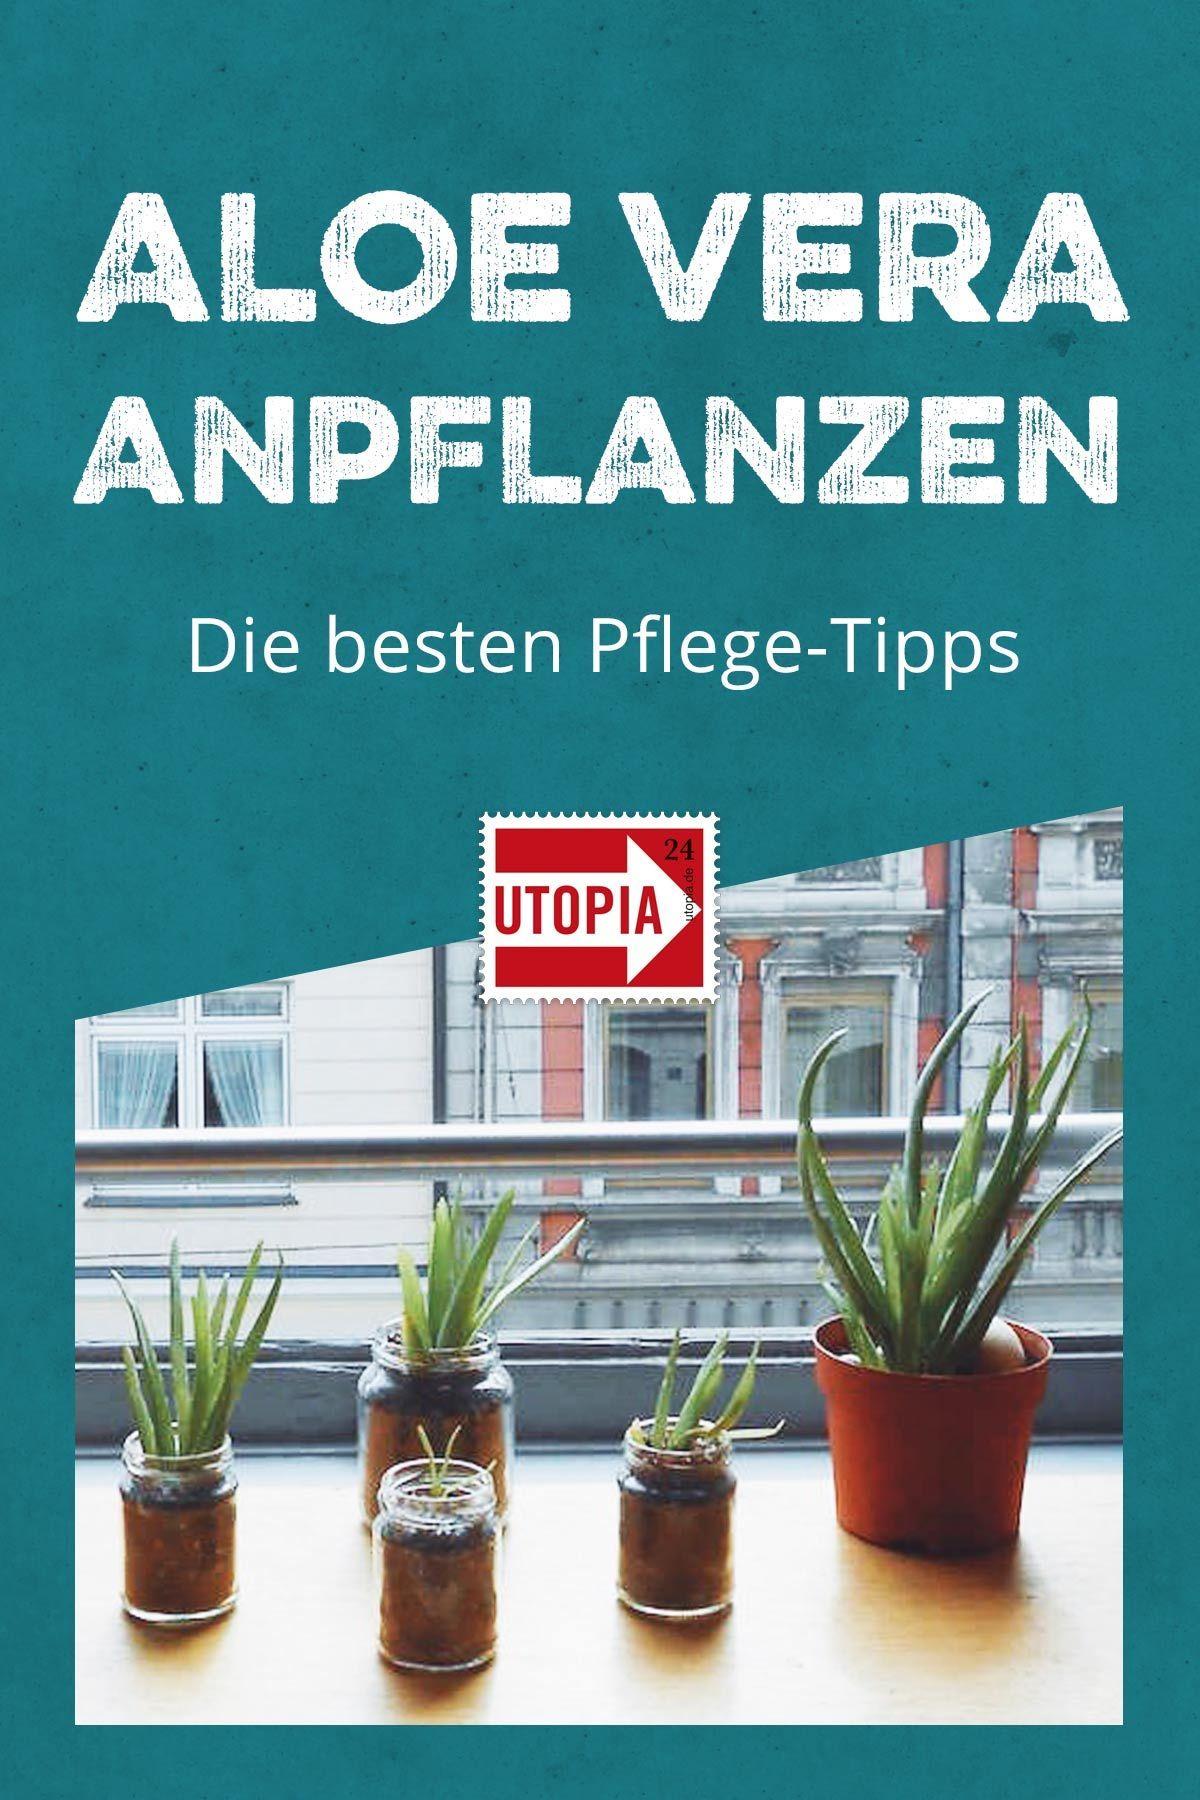 Aloe Vera anpflanzen: die besten Pflege-Tipps - Utopia.de